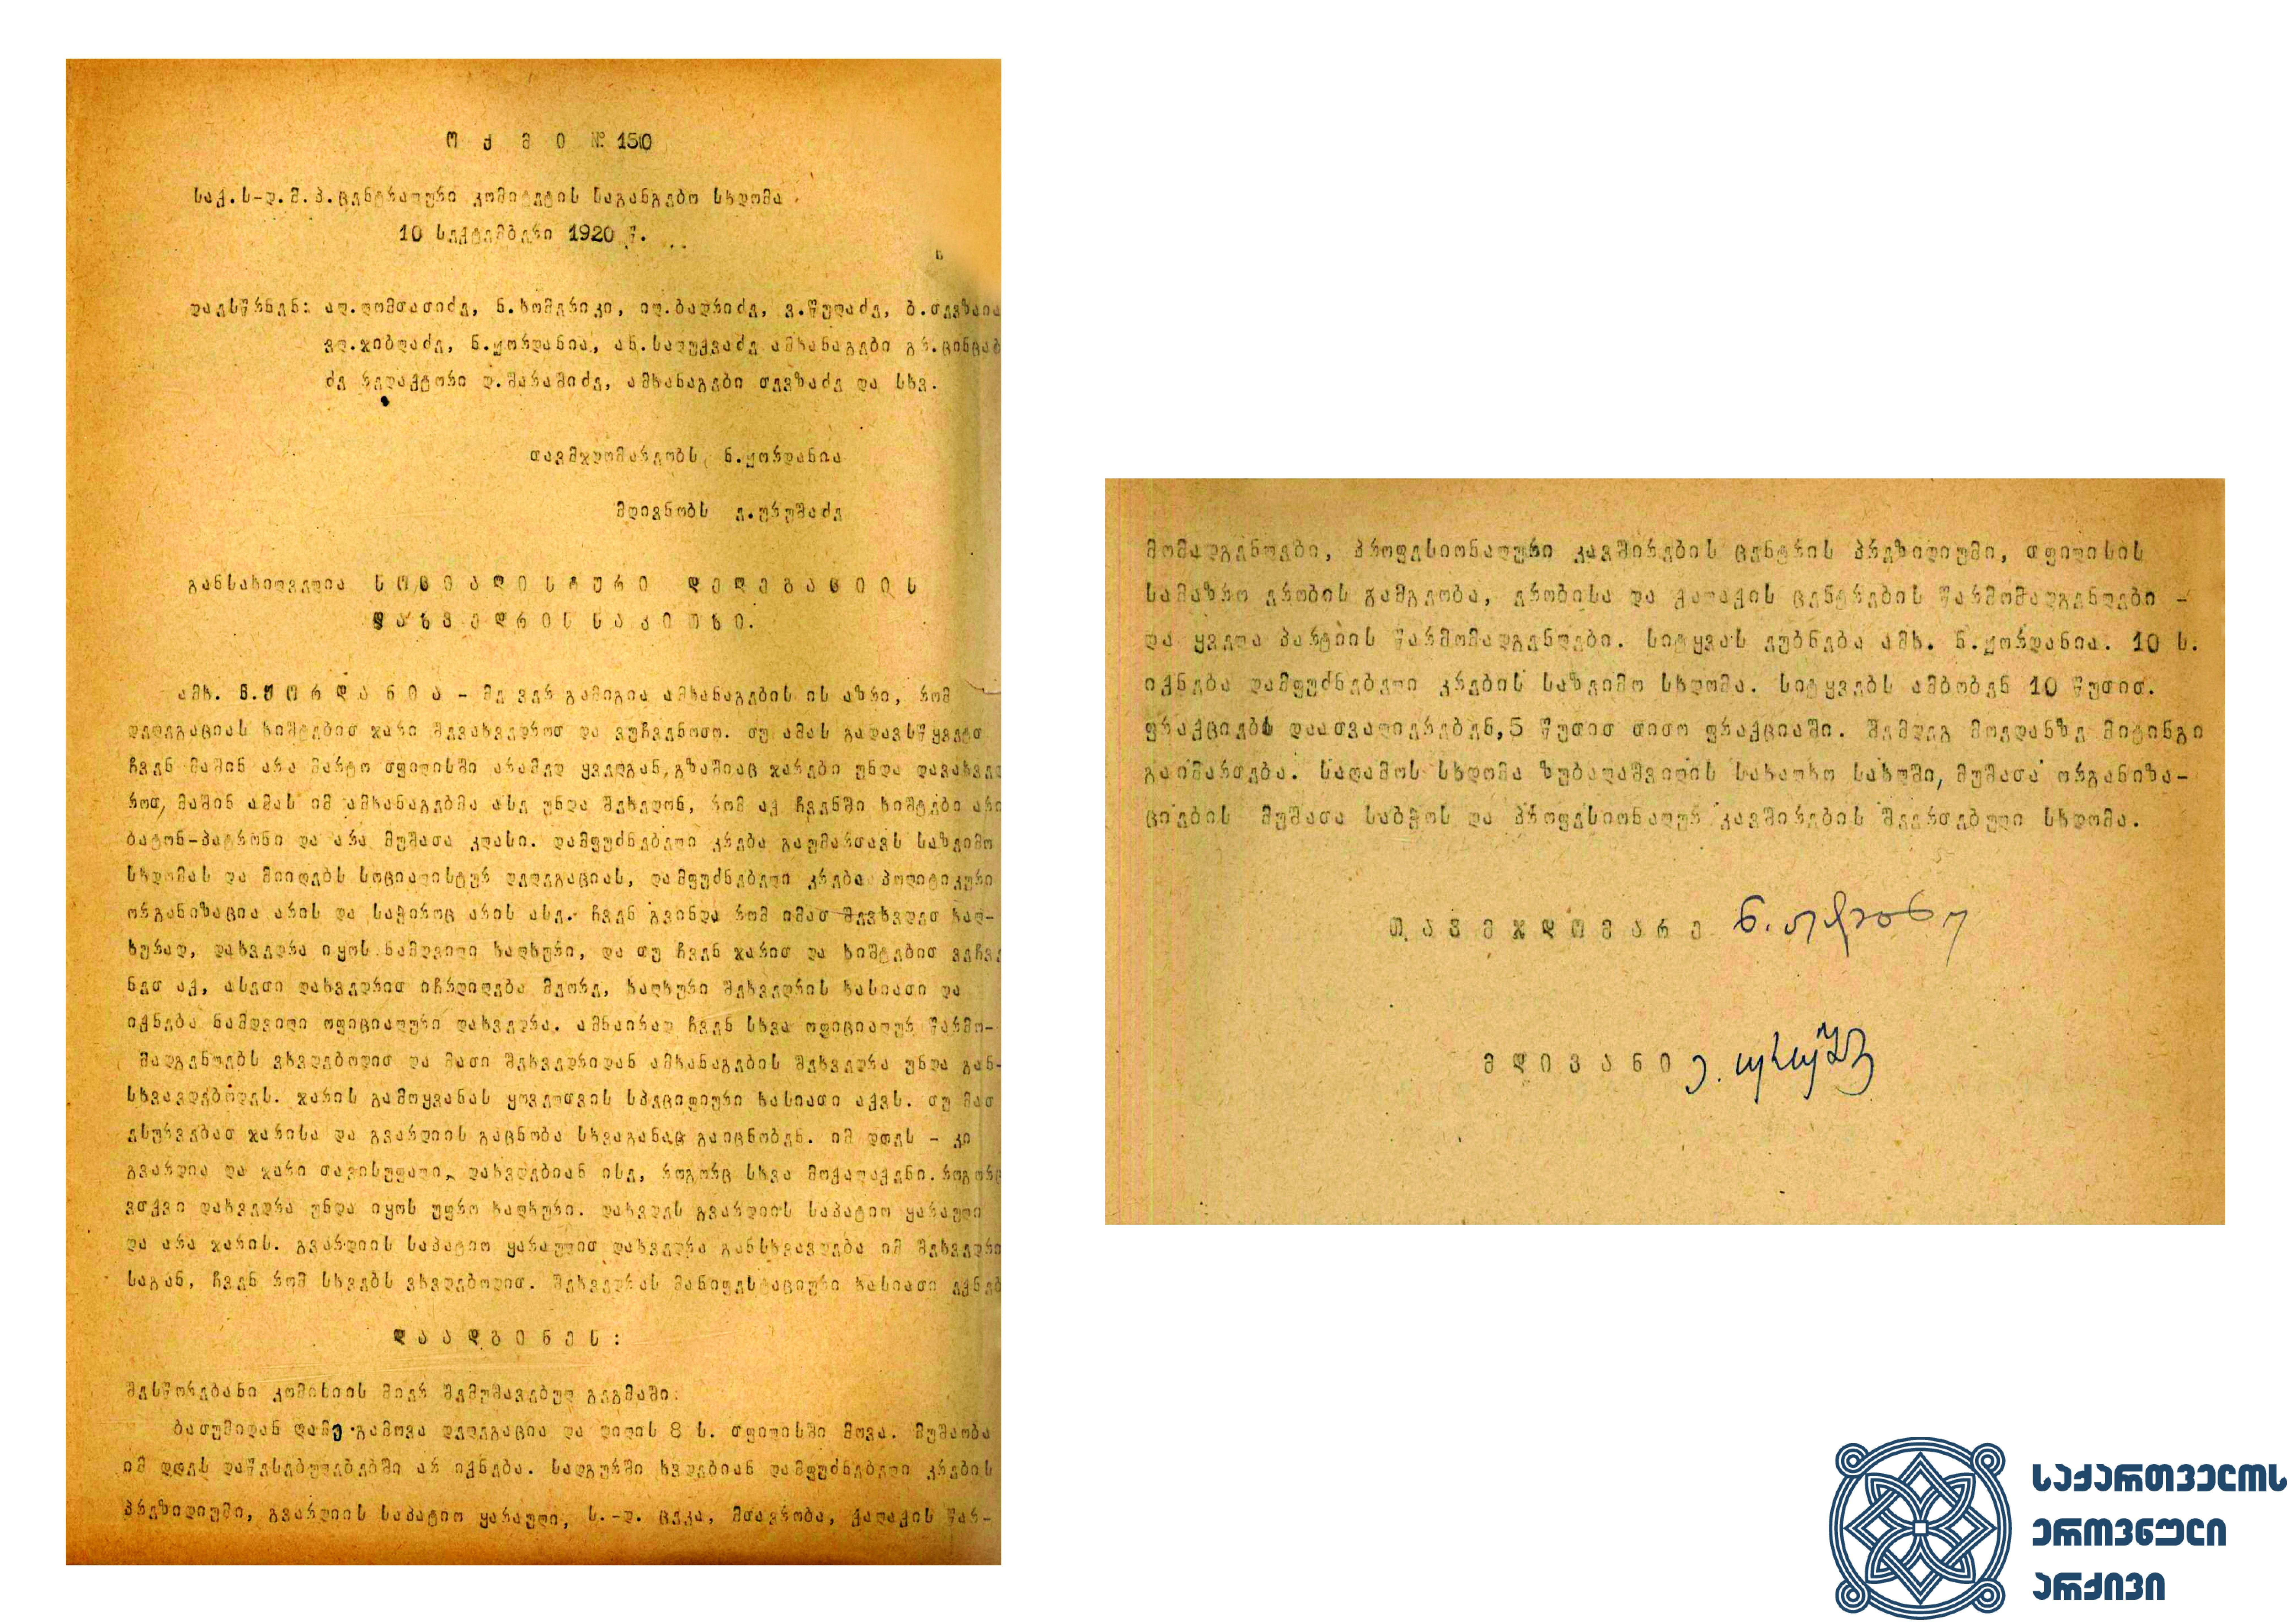 საქართველოს სოციალ-დემოკრატიული მუშათა პარტიის ცენტრალური კომიტეტის 1920 წლის 10 სექტემბრის საგანგებო სხდომის ოქმი. სხდომაზე გაიმართა მსჯელობა ბათუმსა და თბილისში მეორე სოციალისტური ინტერნაციონალის დელეგაციის დახვედრის დეტალებთან დაკავშირებით. <br> Minutes of the Extraordinary Sitting of the Central Committee of the Social-Democratic Workers' Party of Georgia, September 10, 1920. The details of meeting of the delegation of the Second Socialist International in Batumi and Tbilisi were discussed at the sitting.